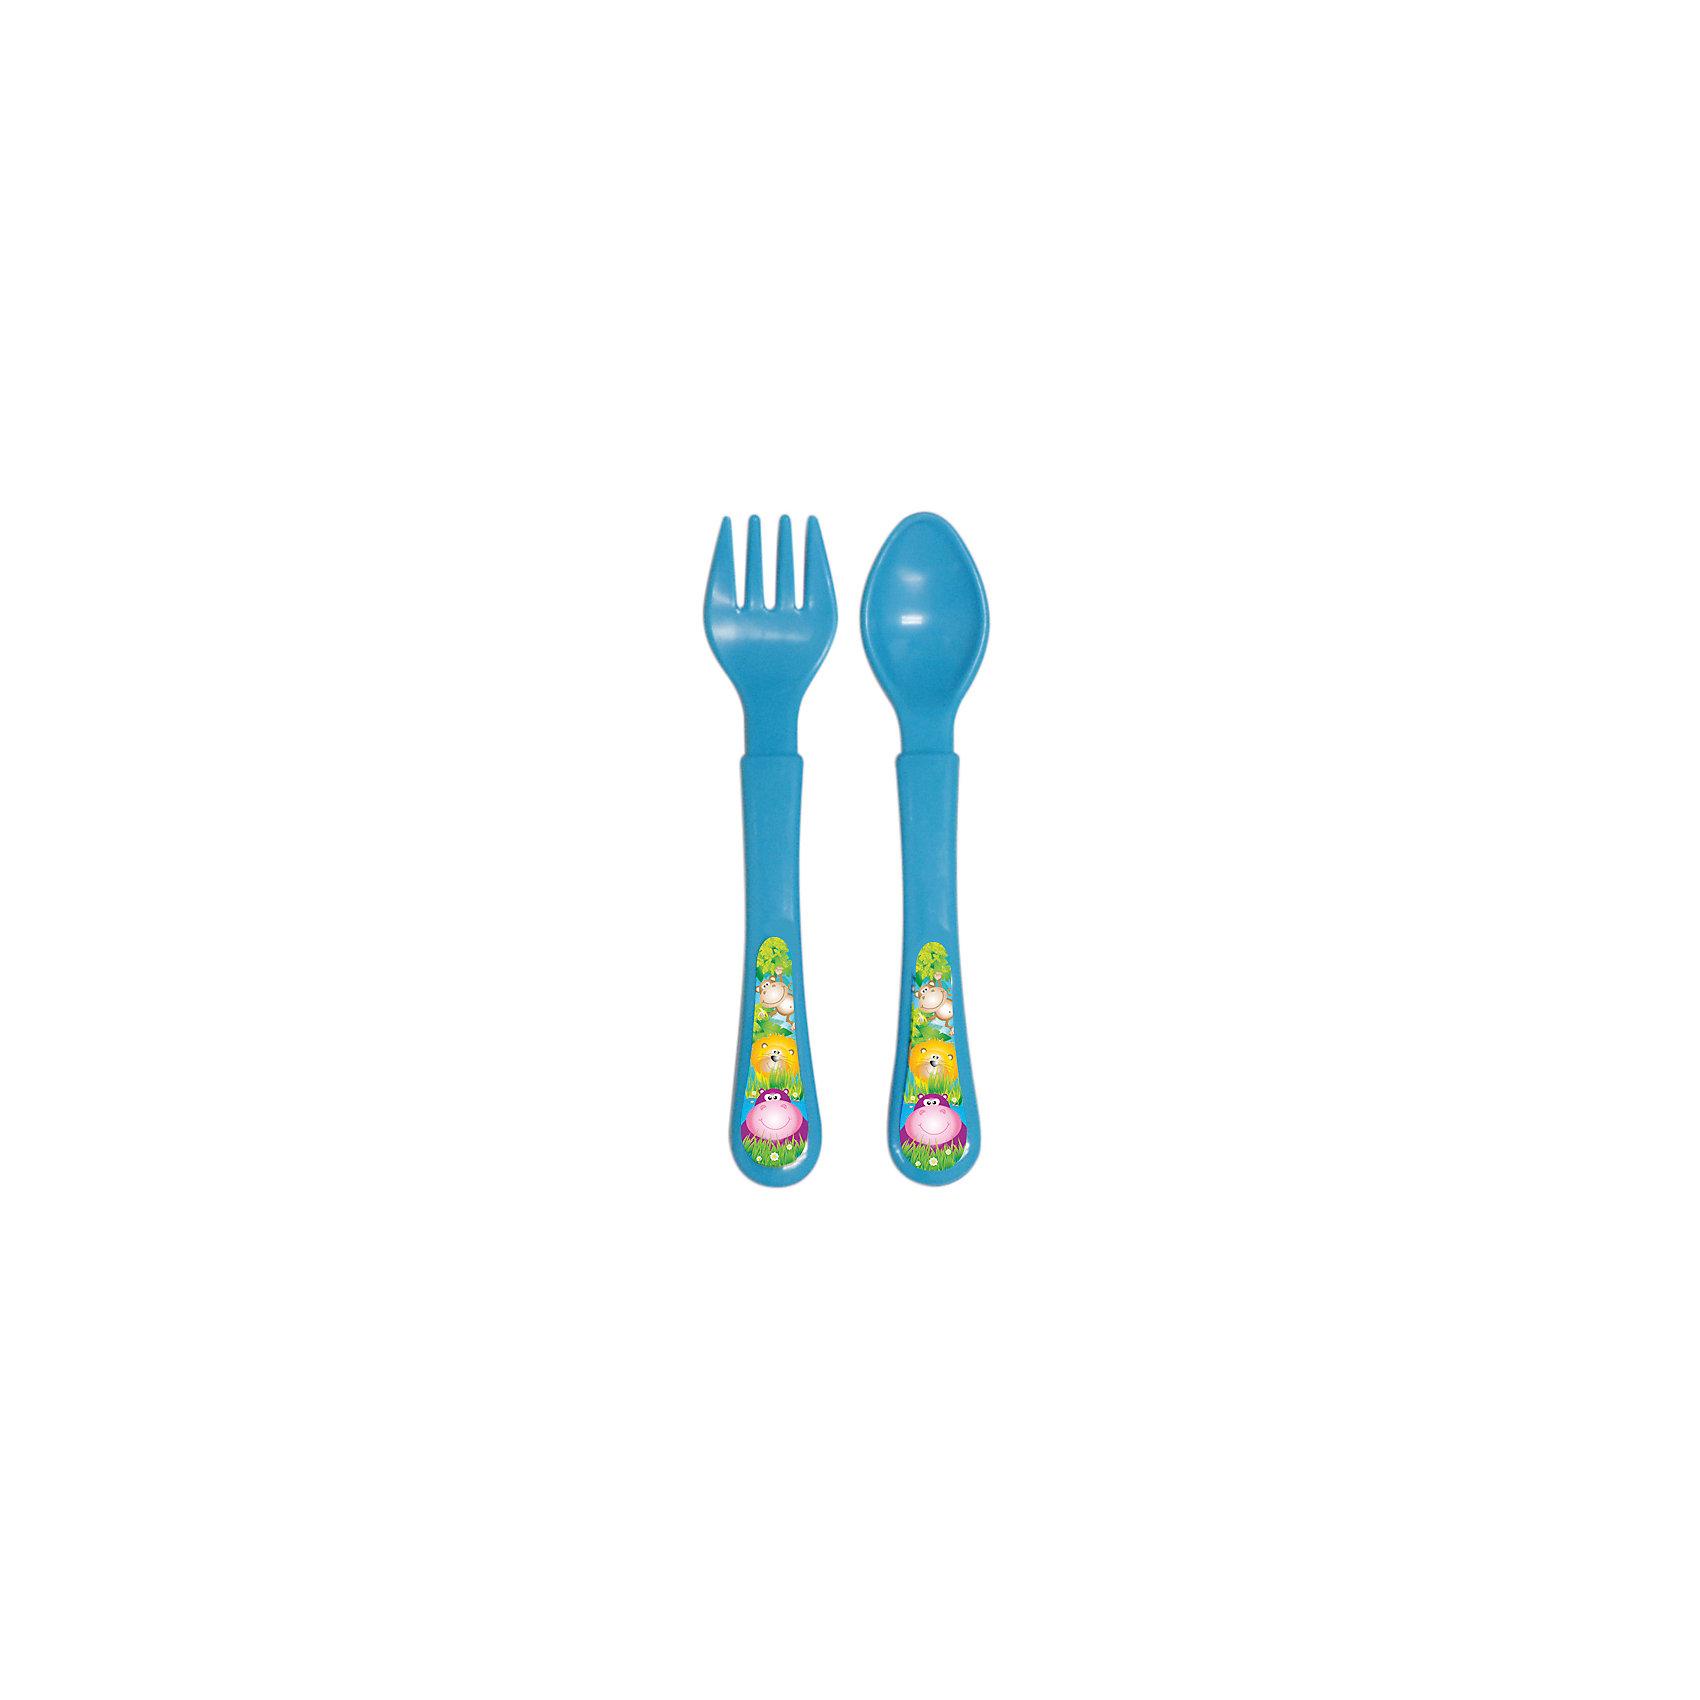 Набор: ложечка и вилочка, серия «Сафари», Kurnosiki, синийПосуда для малышей<br>Характеристики:<br><br>• Наименование: столовые приборы<br>• Материал: пластик<br>• Пол: для мальчика<br>• Цвет: синий<br>• Тематика рисунка: животные сафари<br>• Комплектация: ложка, вилка<br>• У вилки закругленные зубцы<br>• Удобные ручки<br>• Отсутствие острых краев<br>• Вес: 40 г<br>• Параметры (Д*Ш*В): 20*3*10 см <br>• Особенности ухода: разрешается мыть в посудомоечной машине<br><br>Набор: ложечка и вилочка, серия «Сафари», Kurnosiki, зеленый состоит из двух столовых приборов, выполненных из безопасного и ударопрочного пластика, что обеспечивает их гигиену. У вилки зубцы закругленные, ручки у изделий средней ширины, округлые, что делает из безопасными для маленьких детей. <br><br>Набор: ложечка и вилочка, серия «Сафари», Kurnosiki, зеленый выполнен в ярком дизайне: на ручках нанесены изображения животных сафари. Рисунок устойчивый, не стирается и не изменяет цвет даже при частом использовании. Набор столовых приборов от Курносиков позволит научить вашего малыша правильно пользоваться вилкой и ложкой без особого труда!<br><br>Набор: ложечка и вилочка, серия «Сафари», Kurnosiki, зеленый можно купить в нашем интернет-магазине.<br><br>Ширина мм: 20<br>Глубина мм: 90<br>Высота мм: 200<br>Вес г: 41<br>Возраст от месяцев: 4<br>Возраст до месяцев: 36<br>Пол: Мужской<br>Возраст: Детский<br>SKU: 5428709